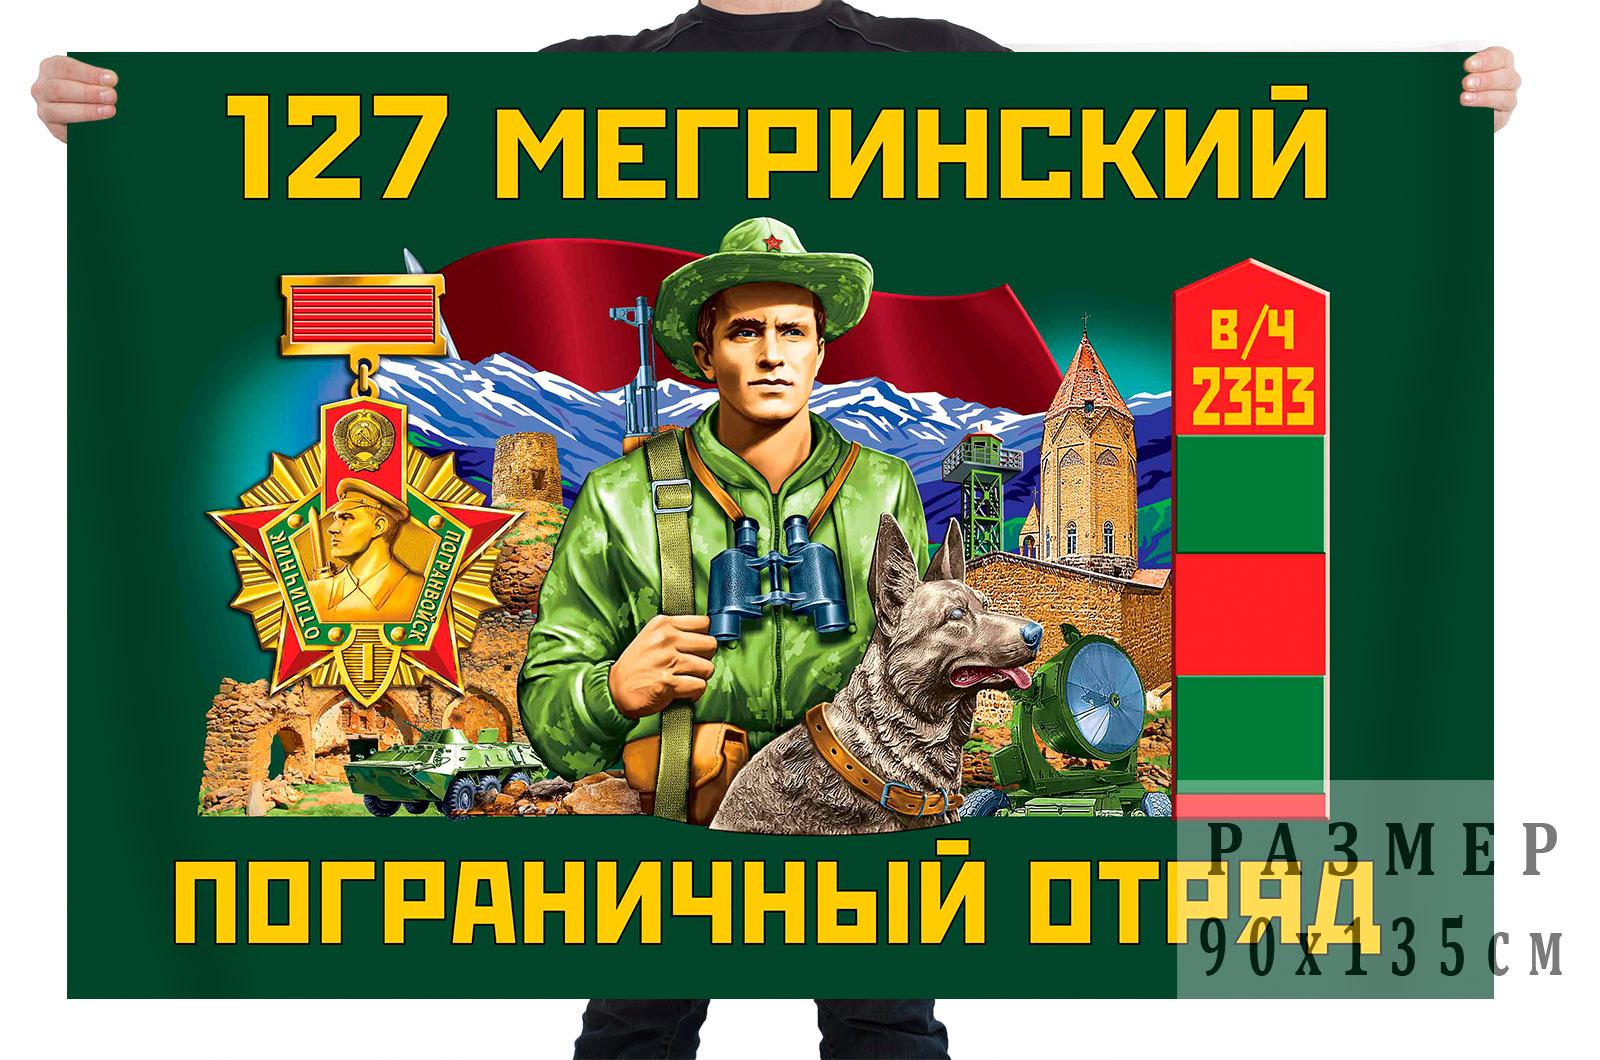 Флаг 127 Мегринского пограничного отряда